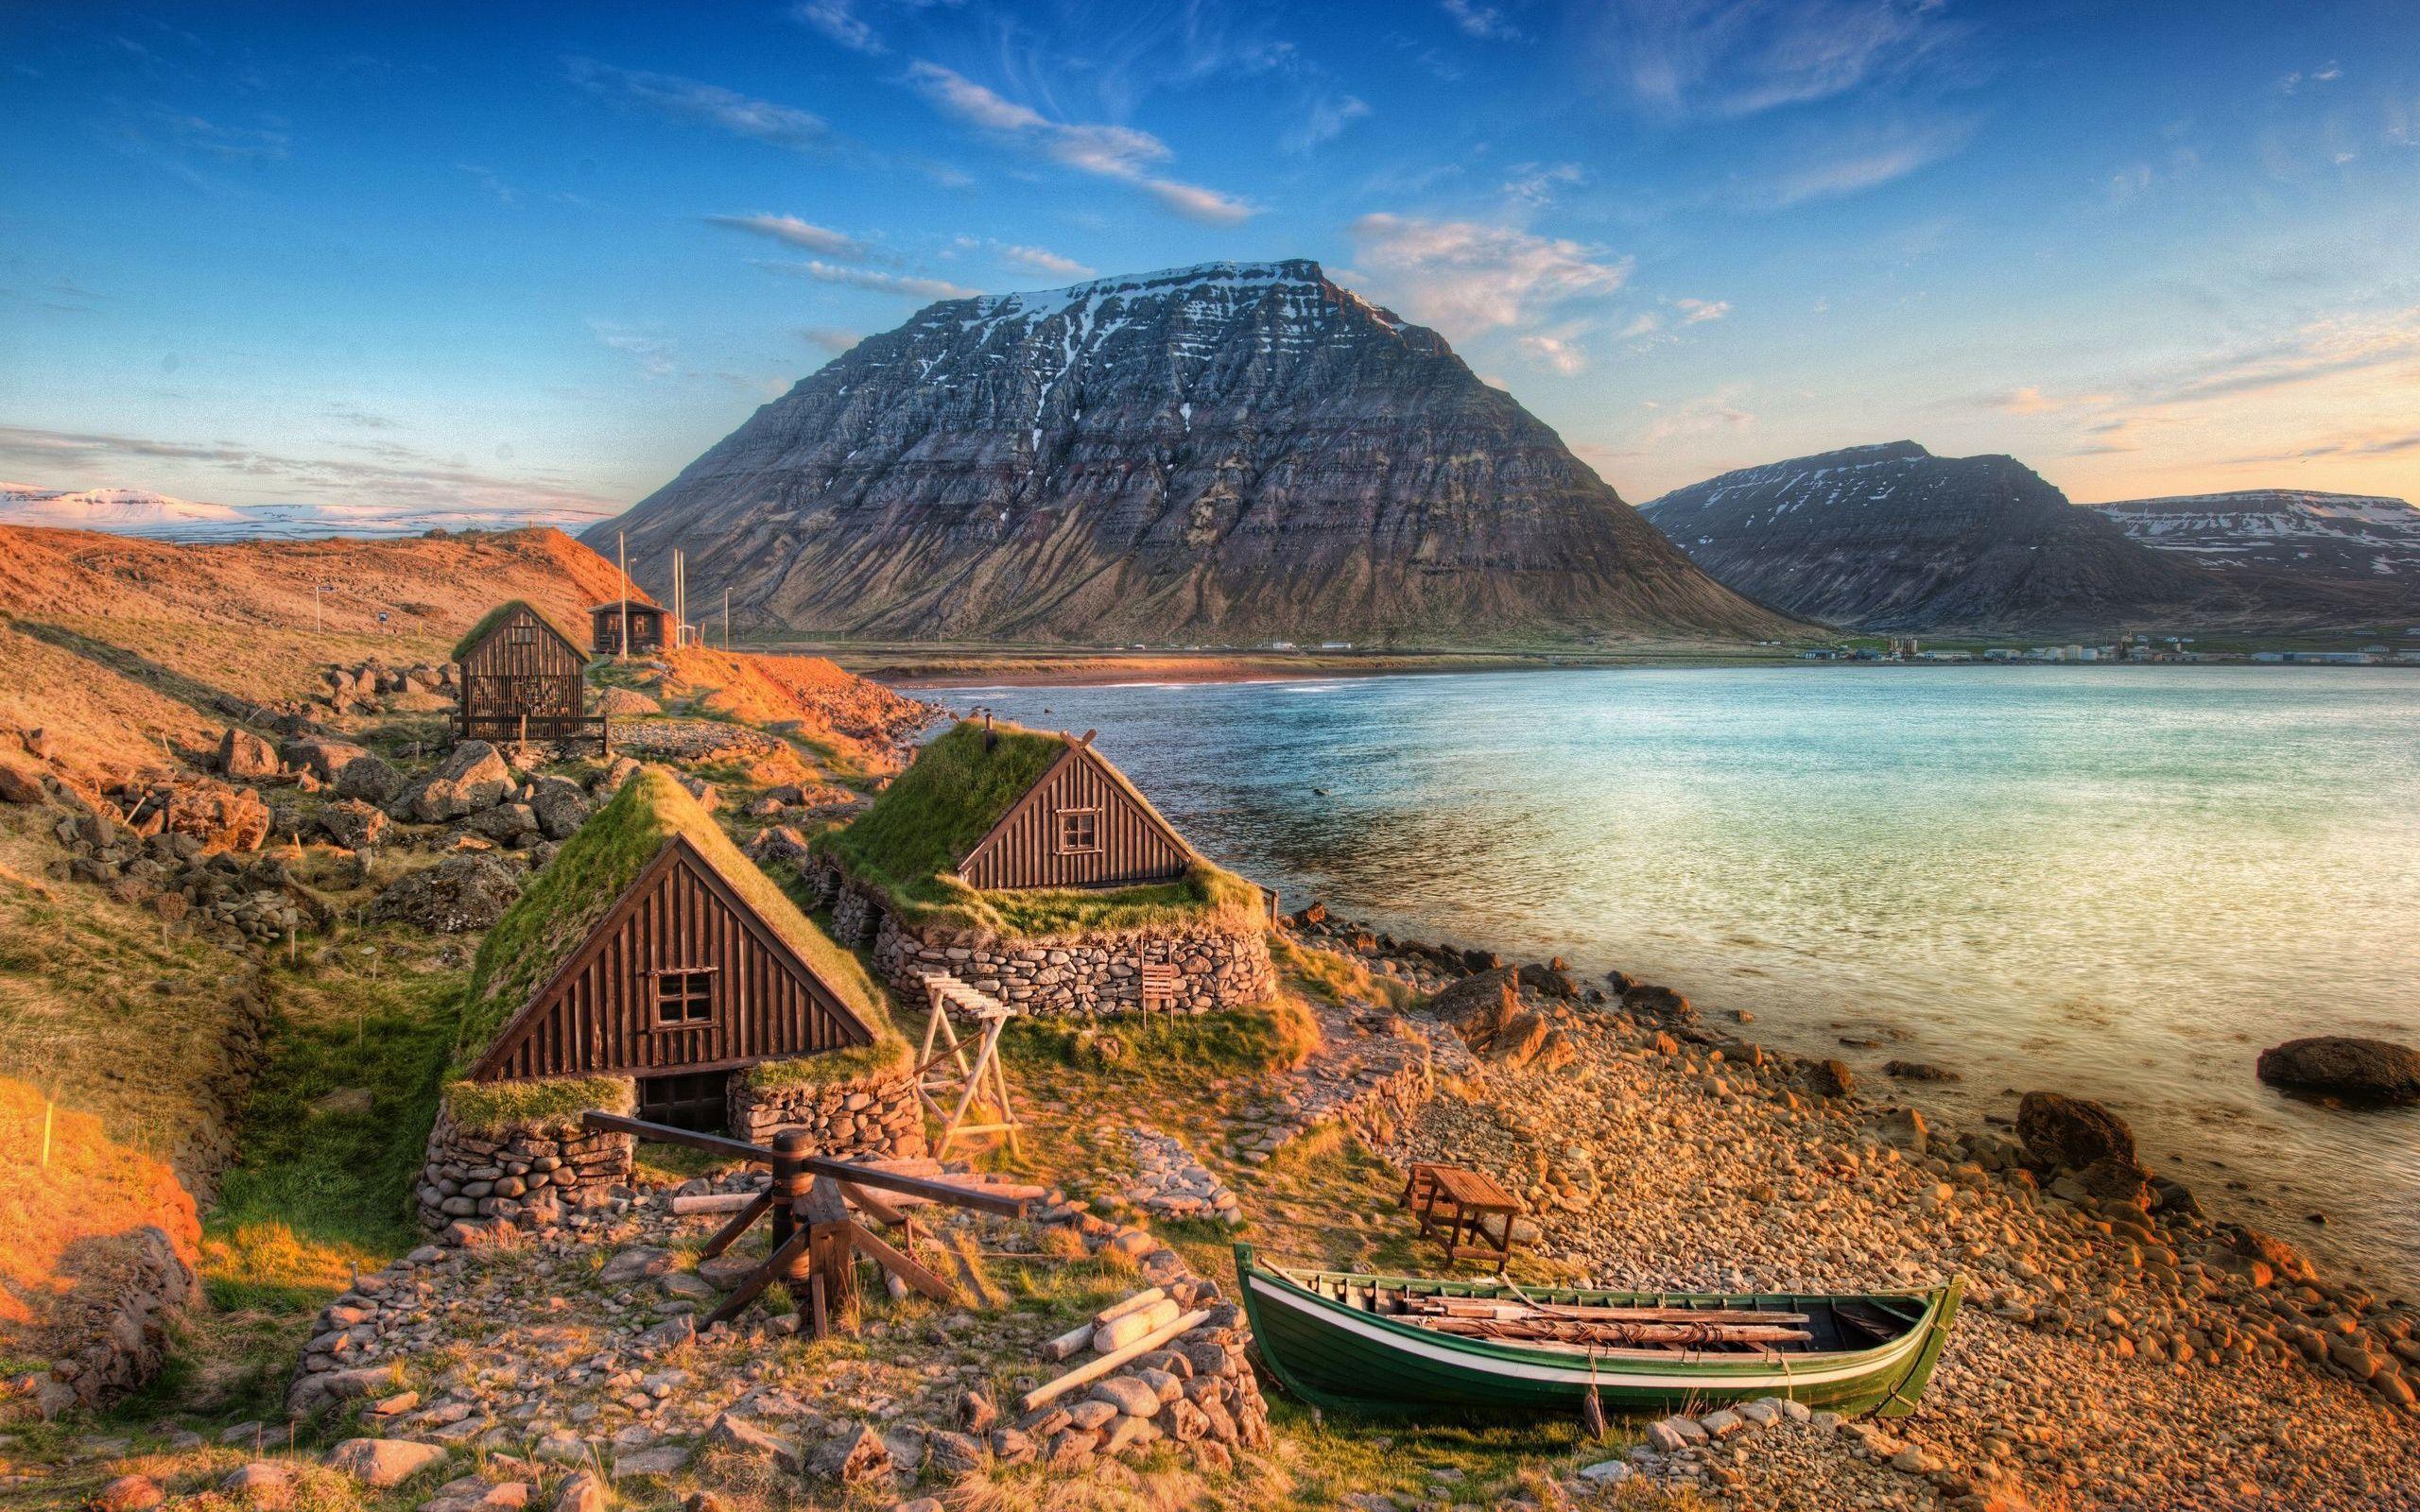 Islande Montagne Côte de la mer Bateau Fonds d'écran - 2560x1600